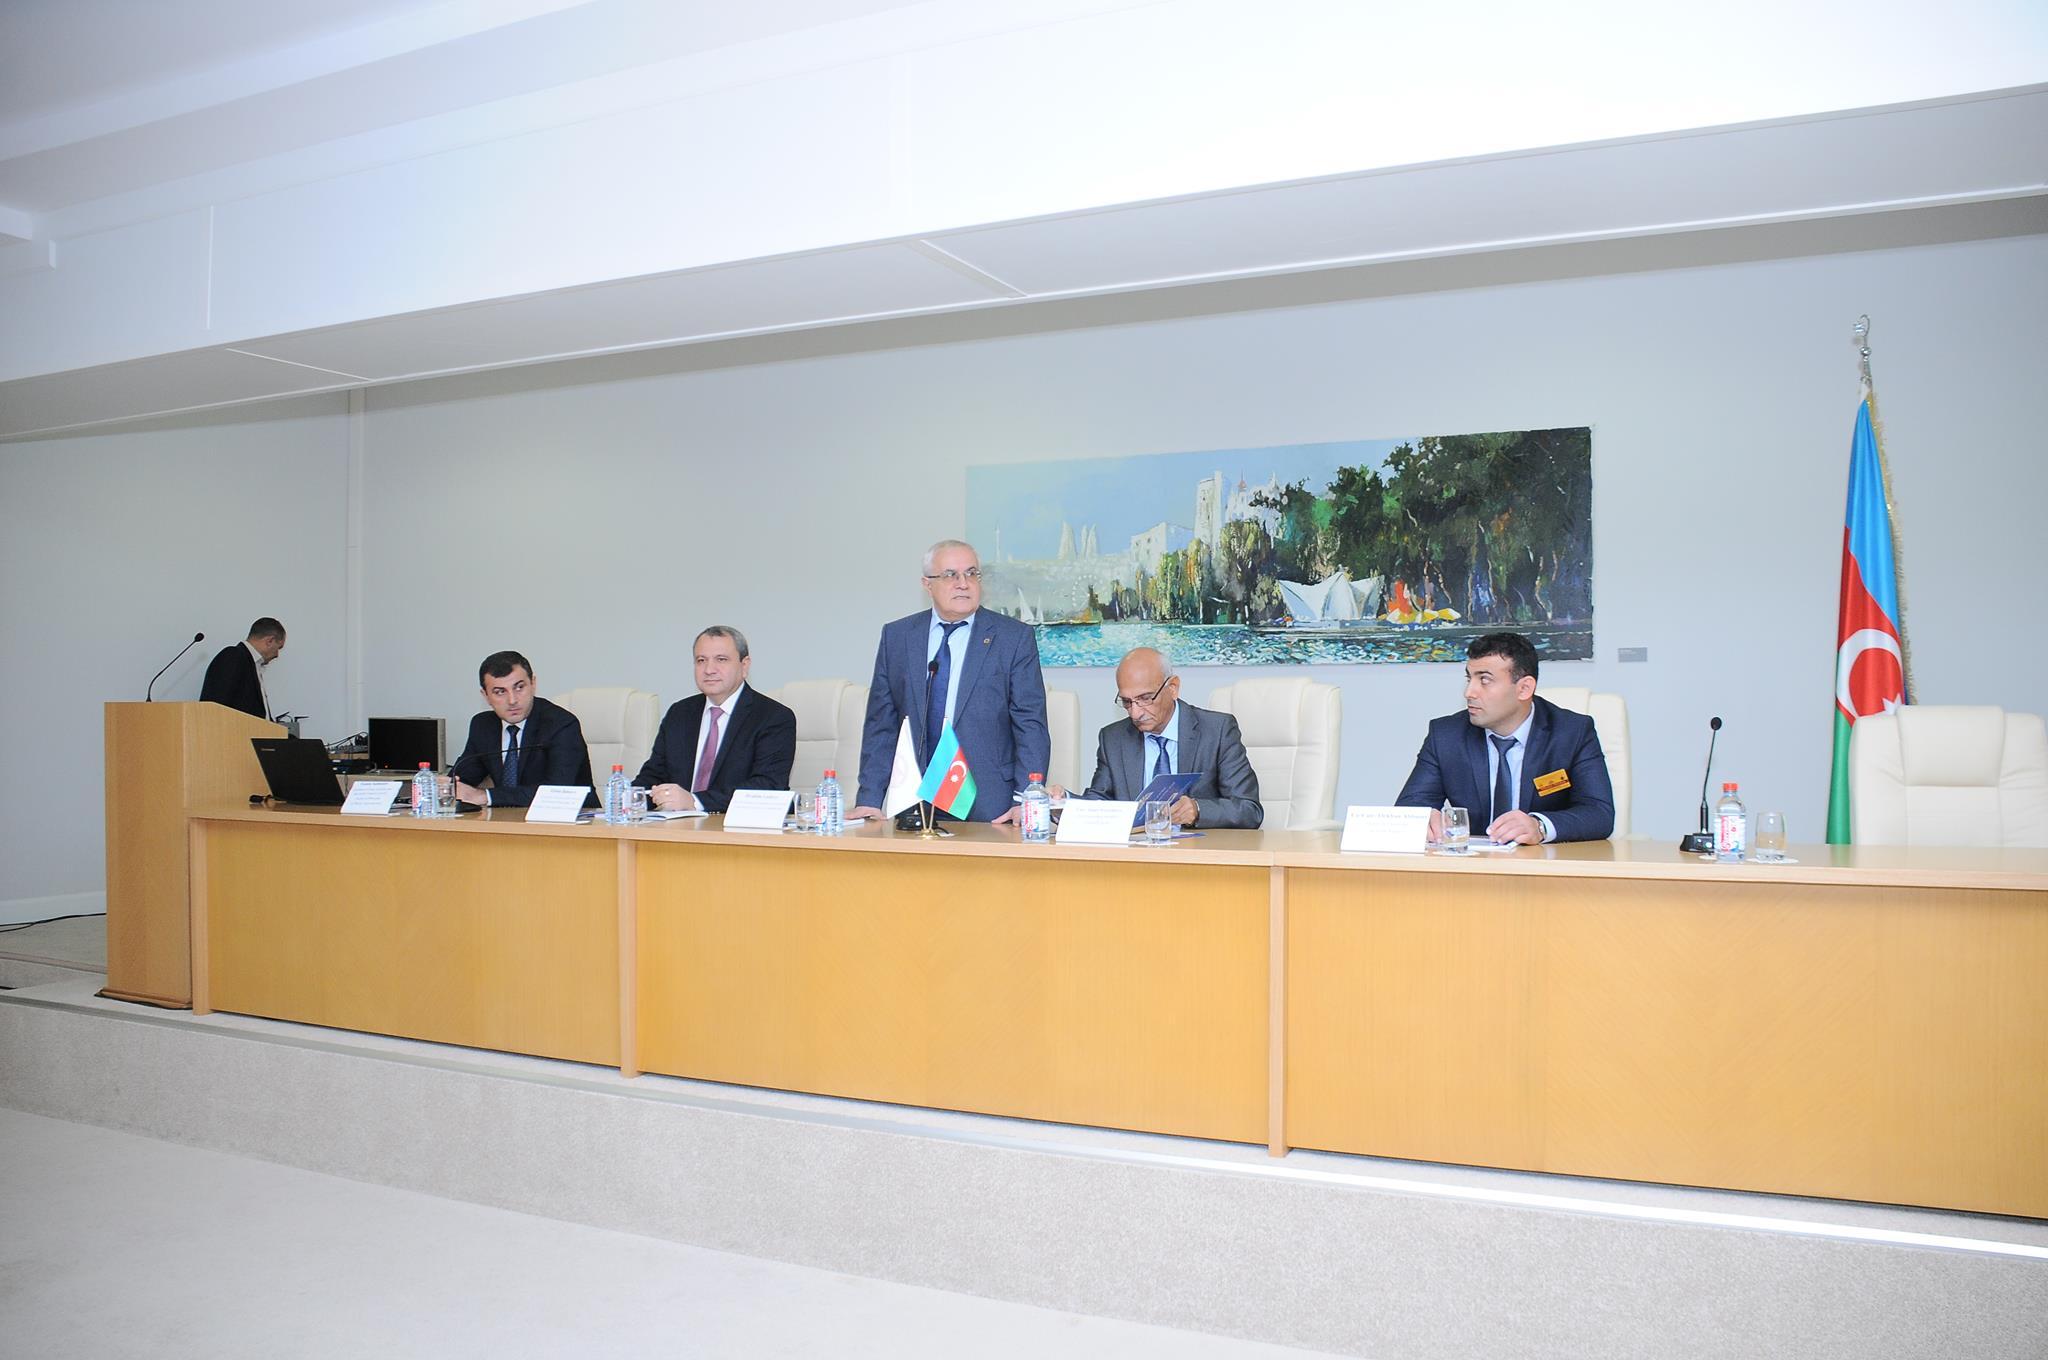 Dünyanın 18 ölkəni təmsil edən 150-dən çox geoloq gənc alimi Bakıda bir araya gəlib